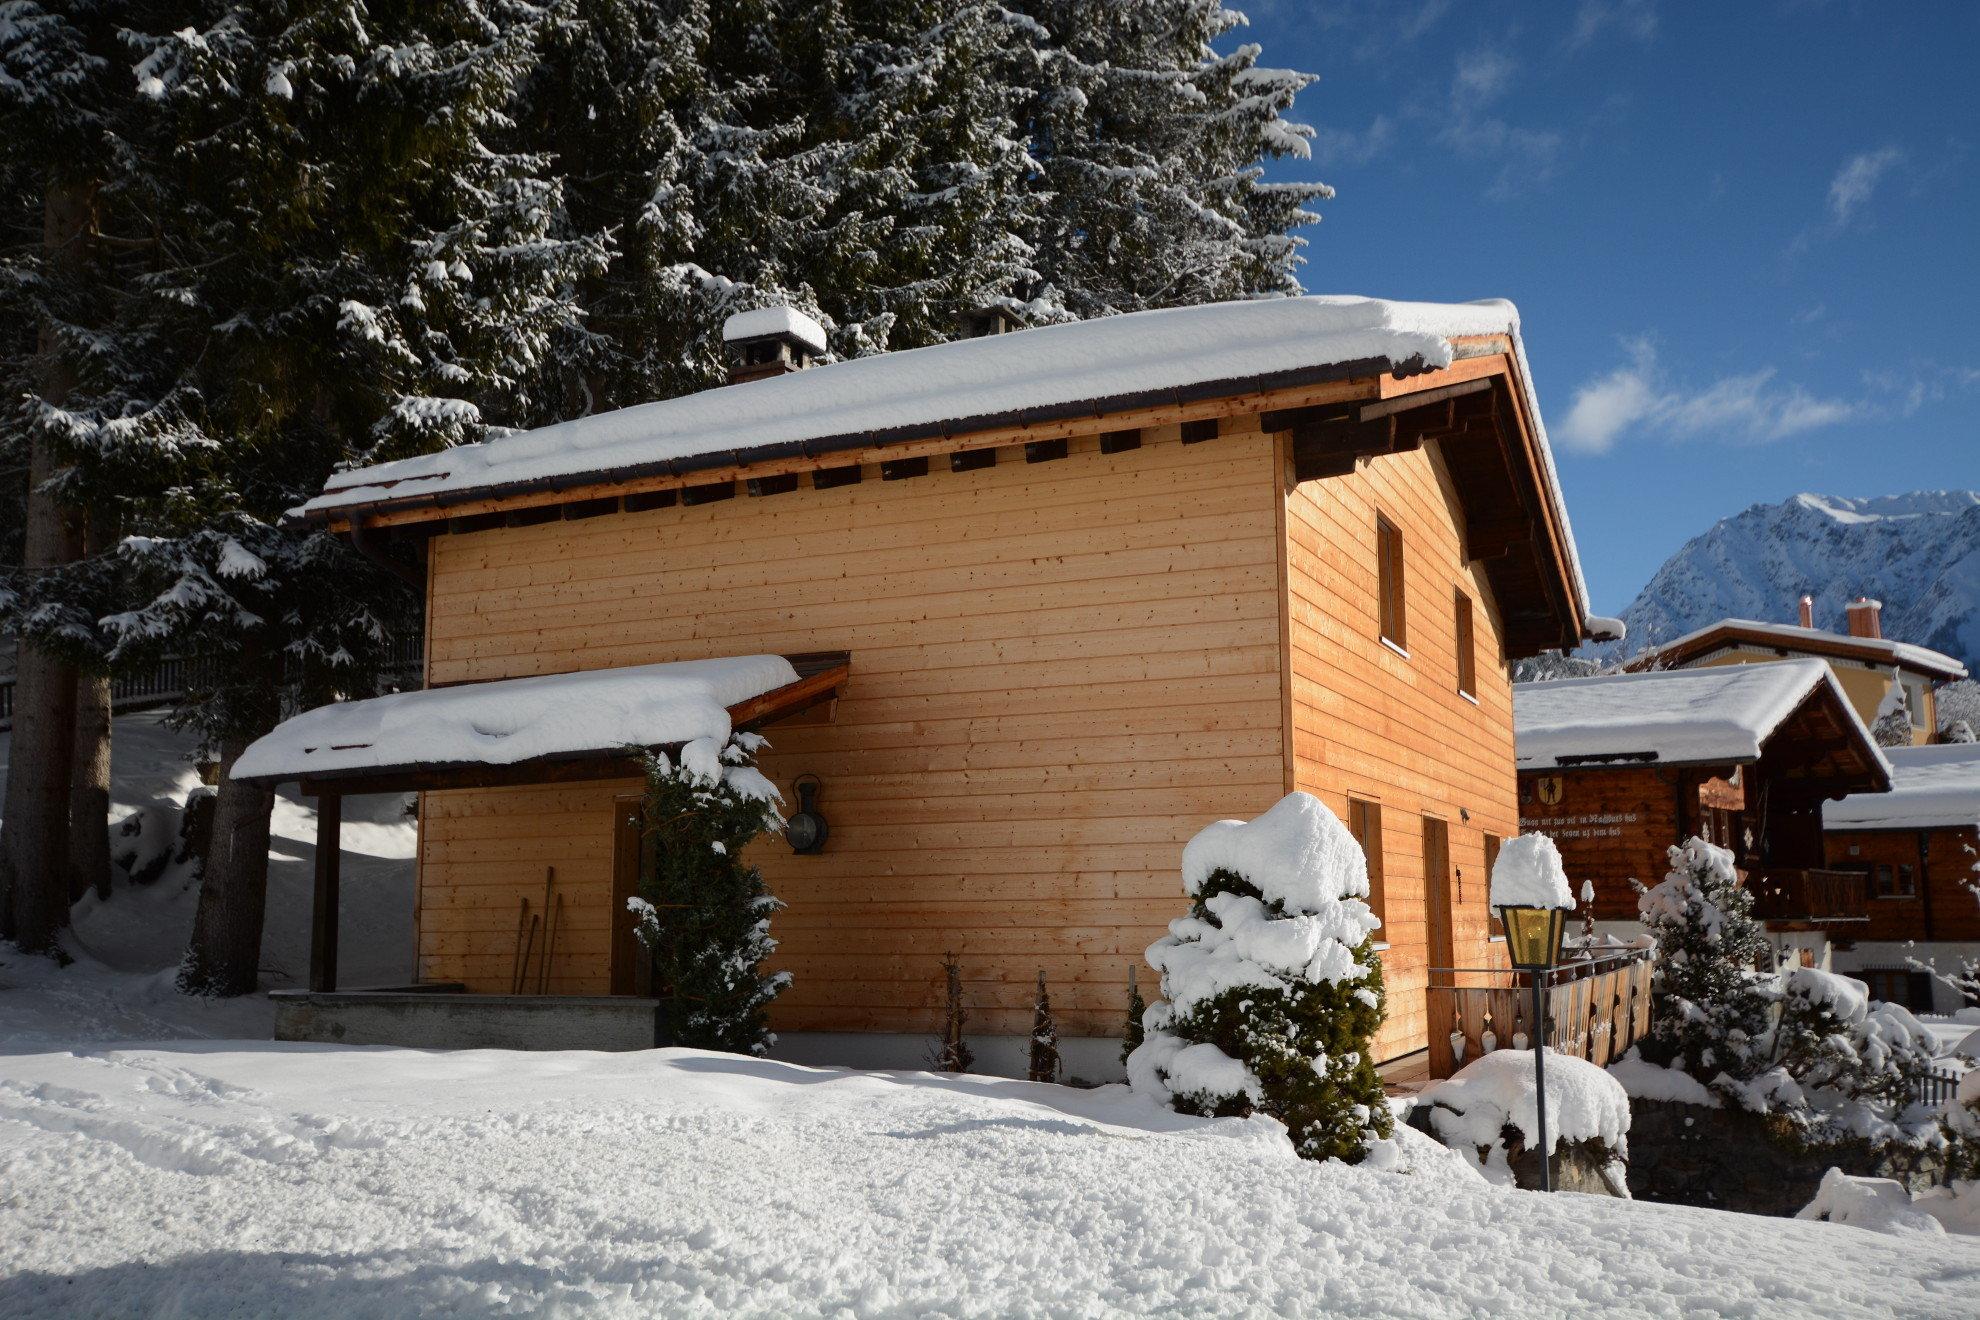 Chalet-Fuechsli-Klosters-Winter-1.JPG